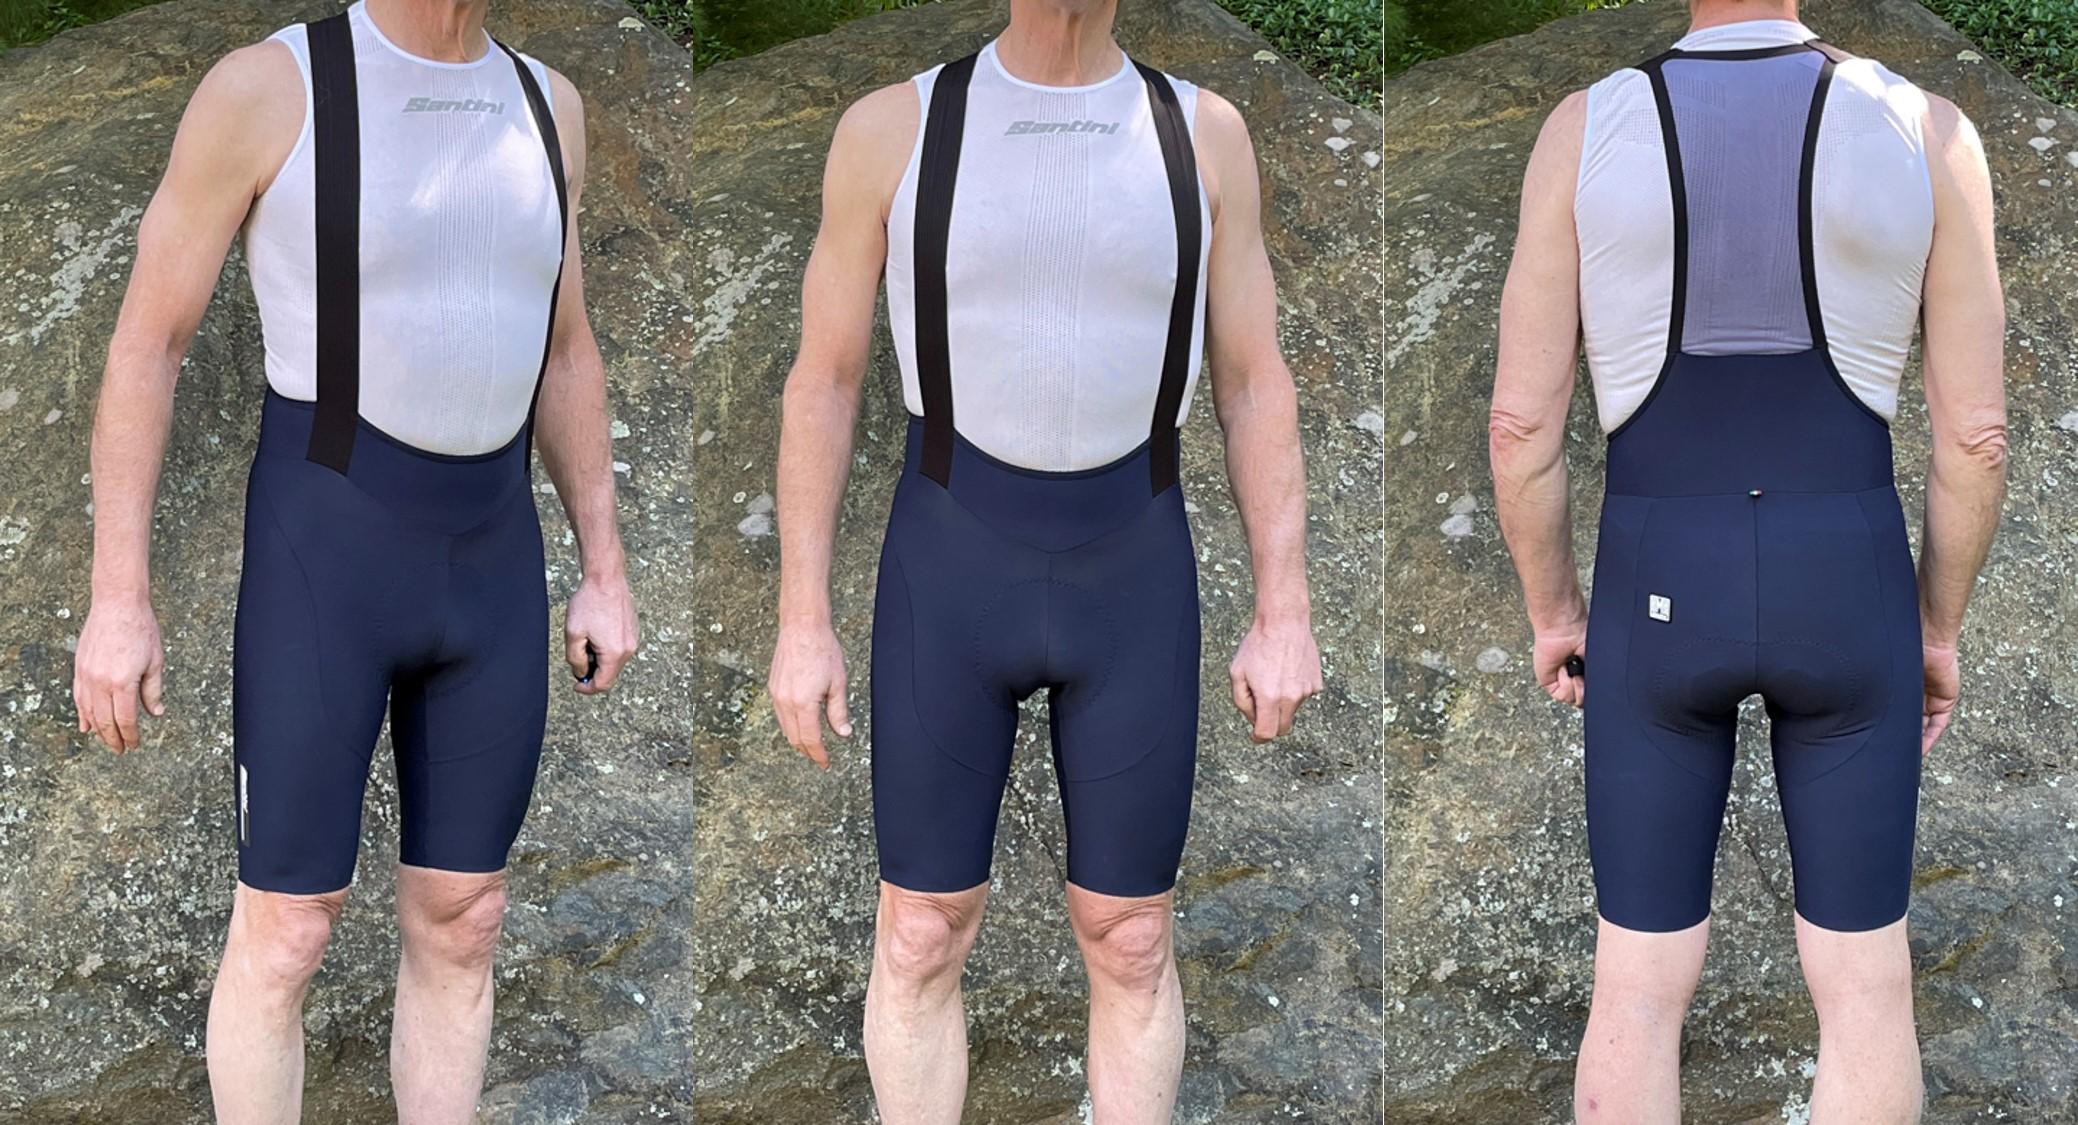 Santini Tono Dinamo Bib Shorts